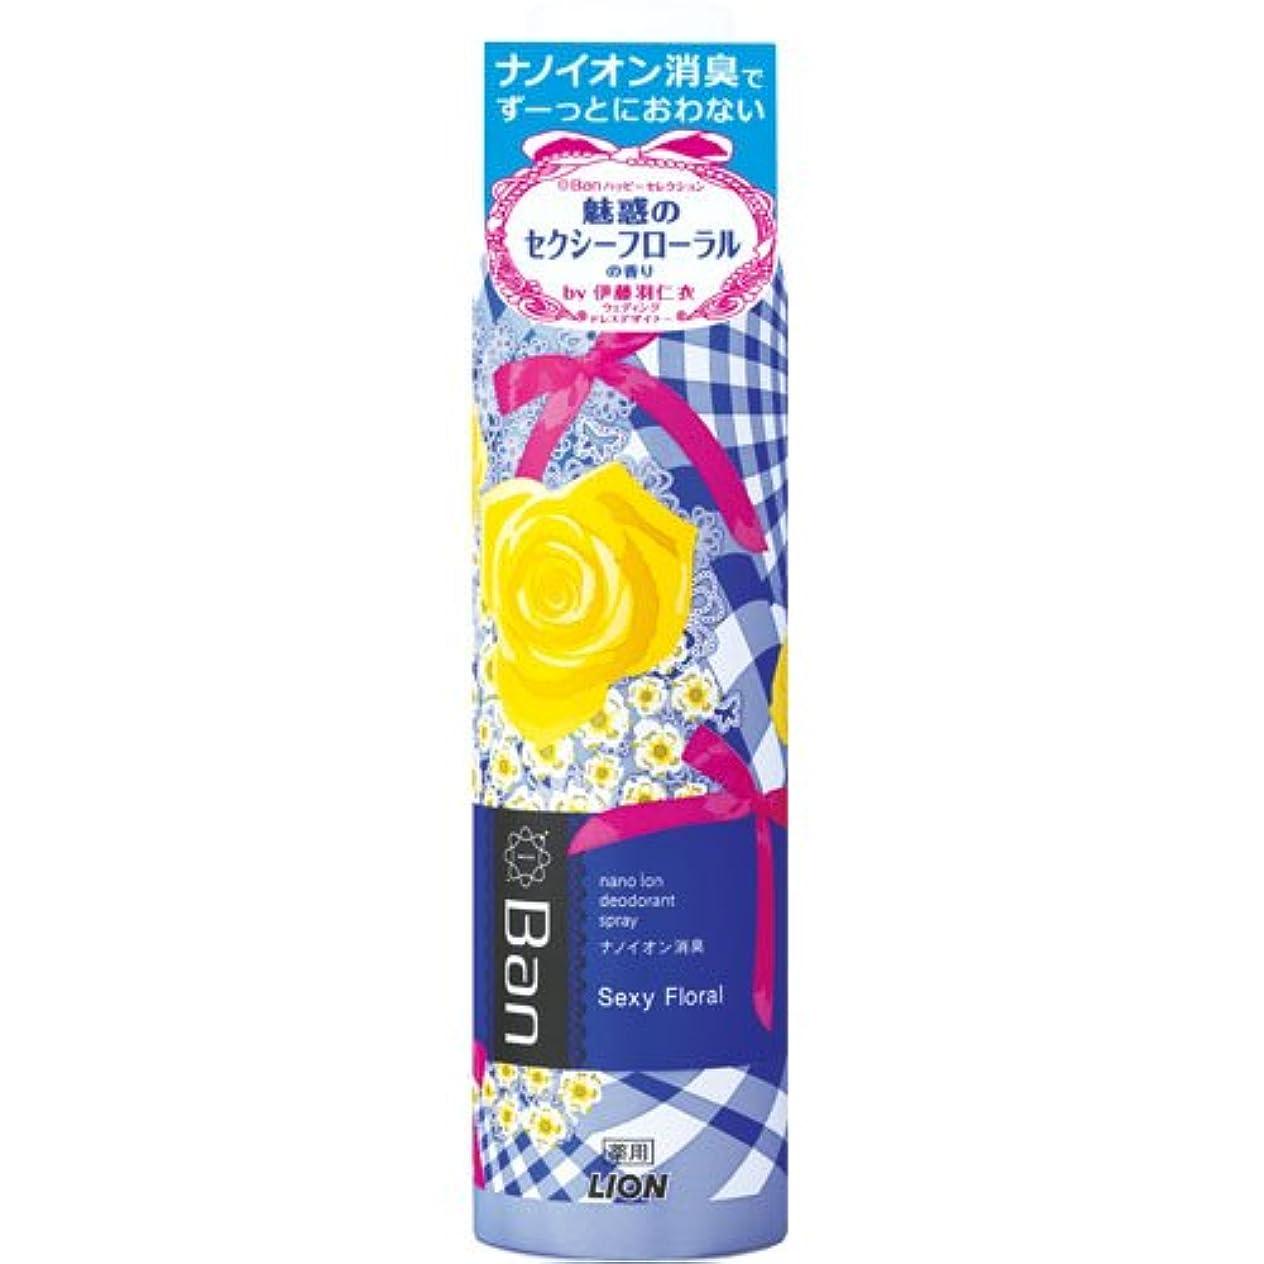 飾り羽聞く夏Ban デオドラントパウダースプレー 魅惑のセクシーフローラルの香り 特大 135g (医薬部外品)